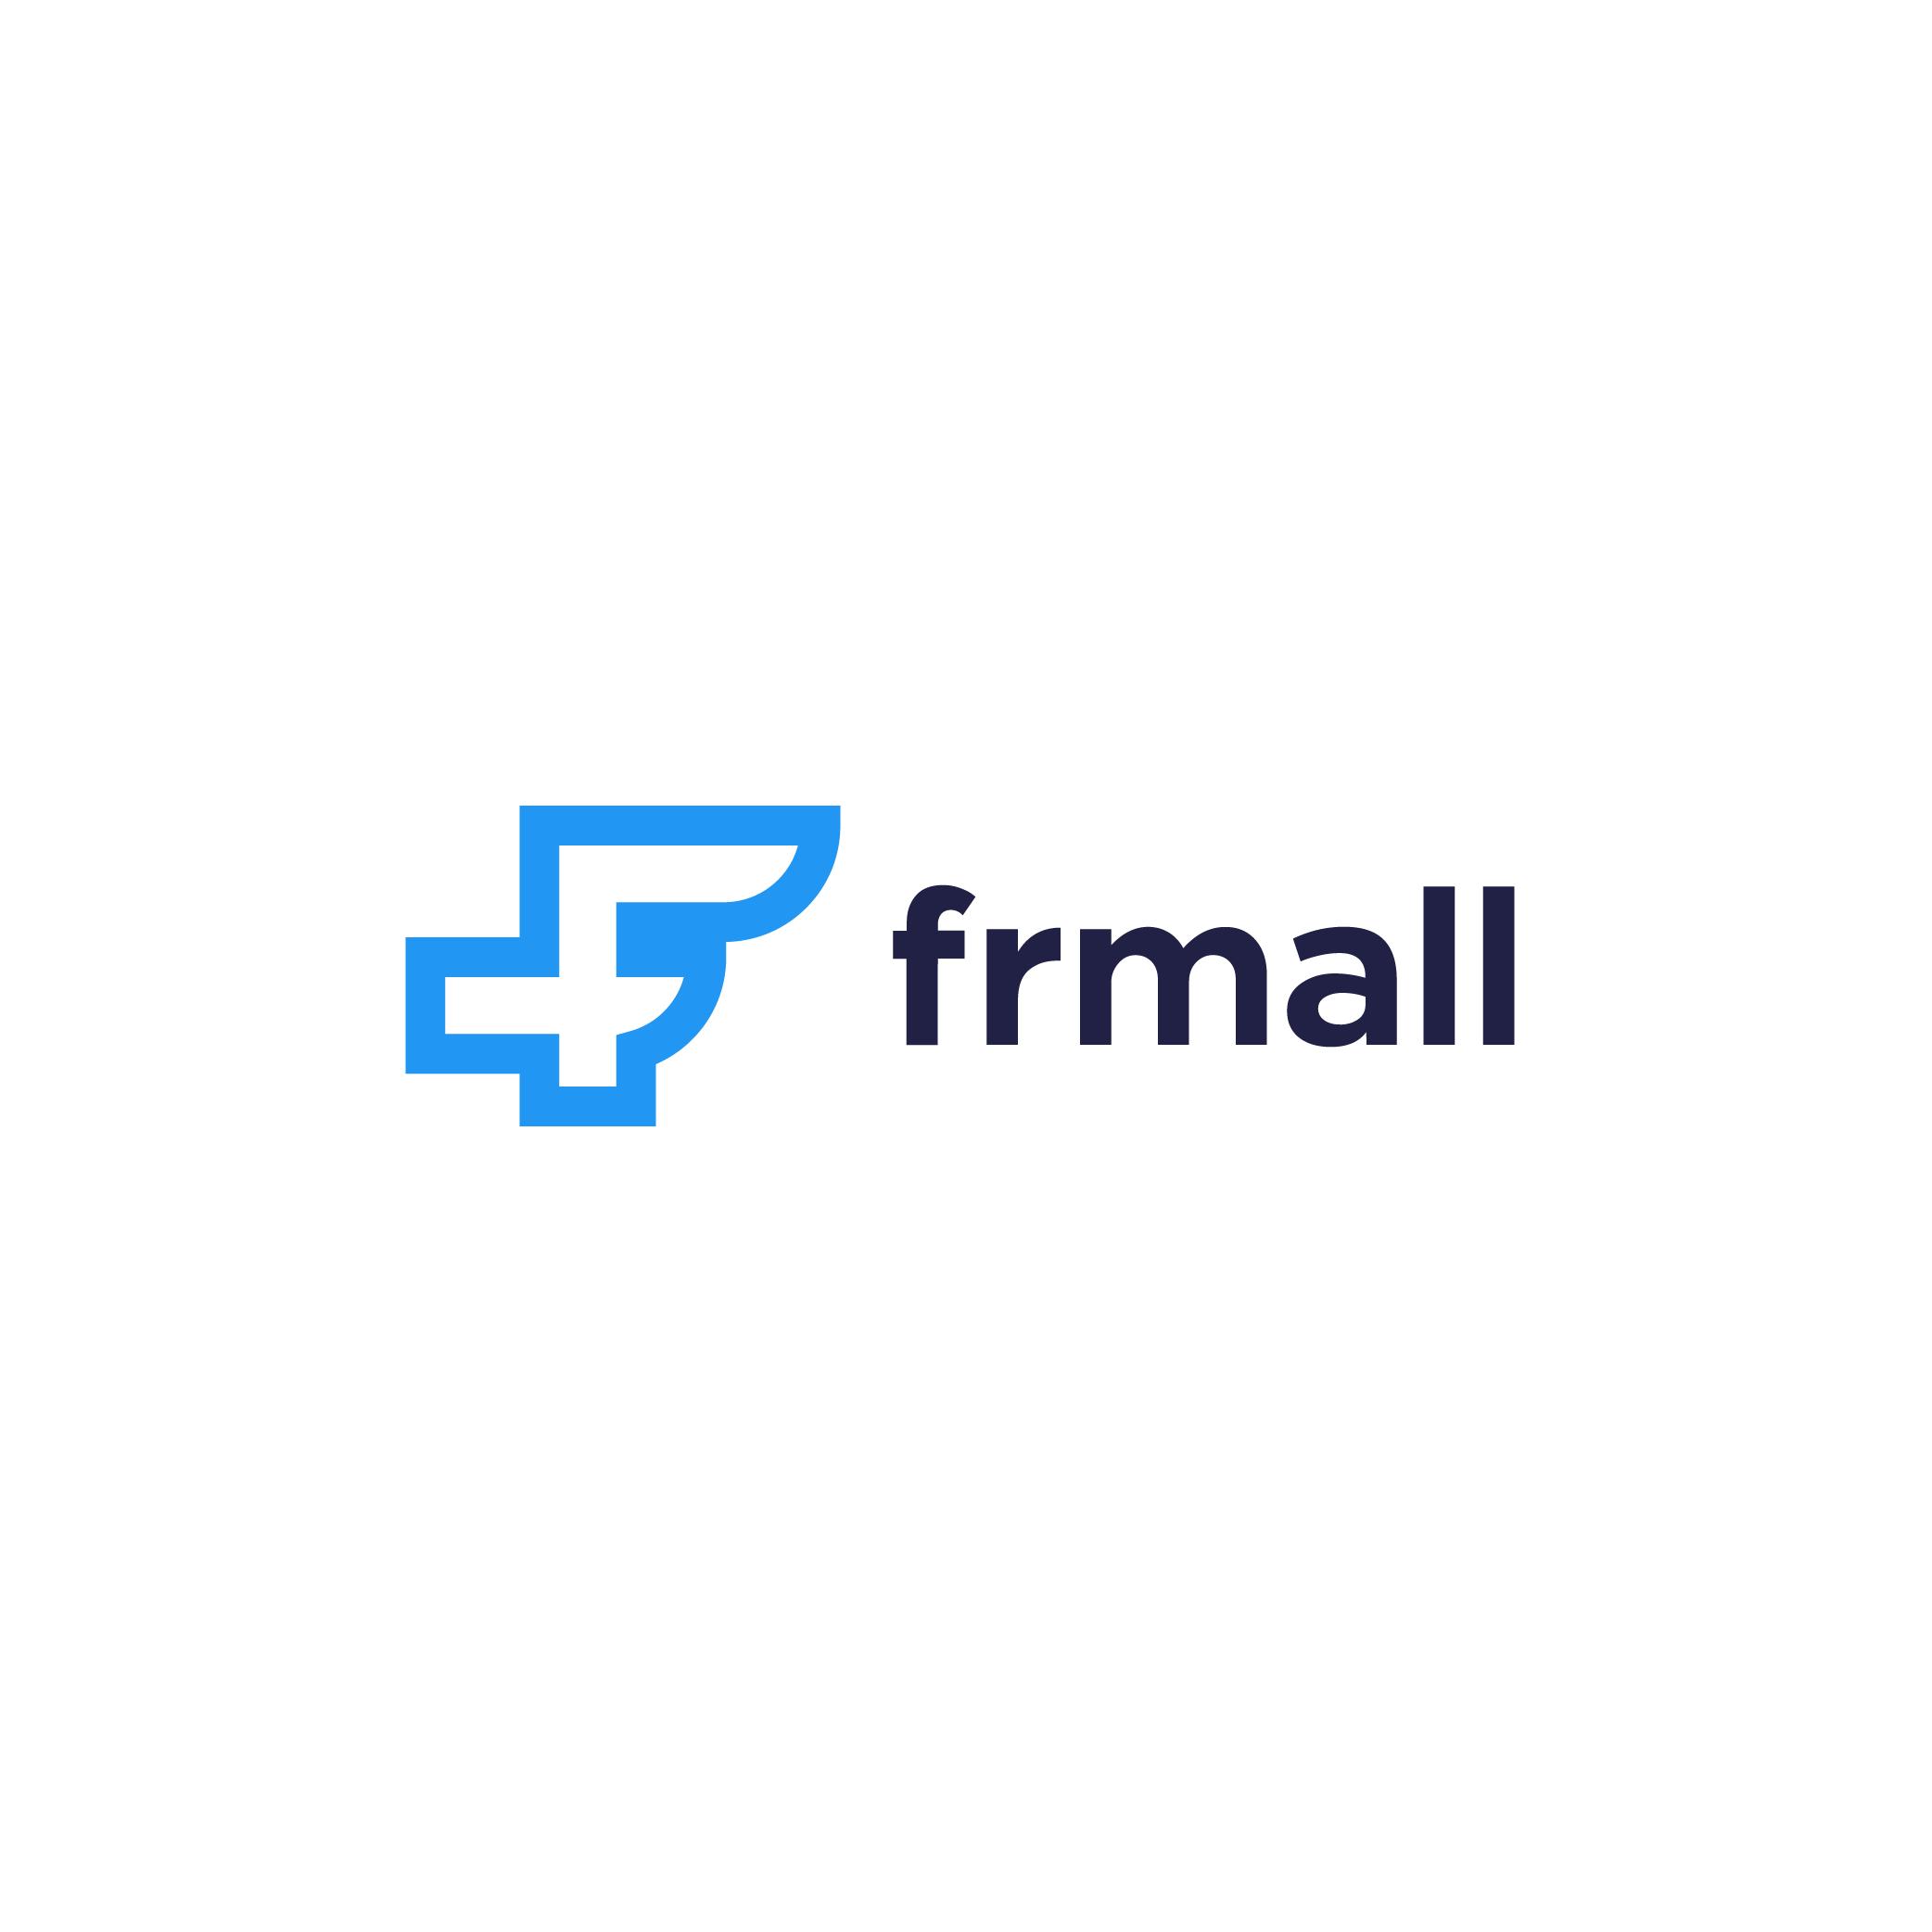 frmall